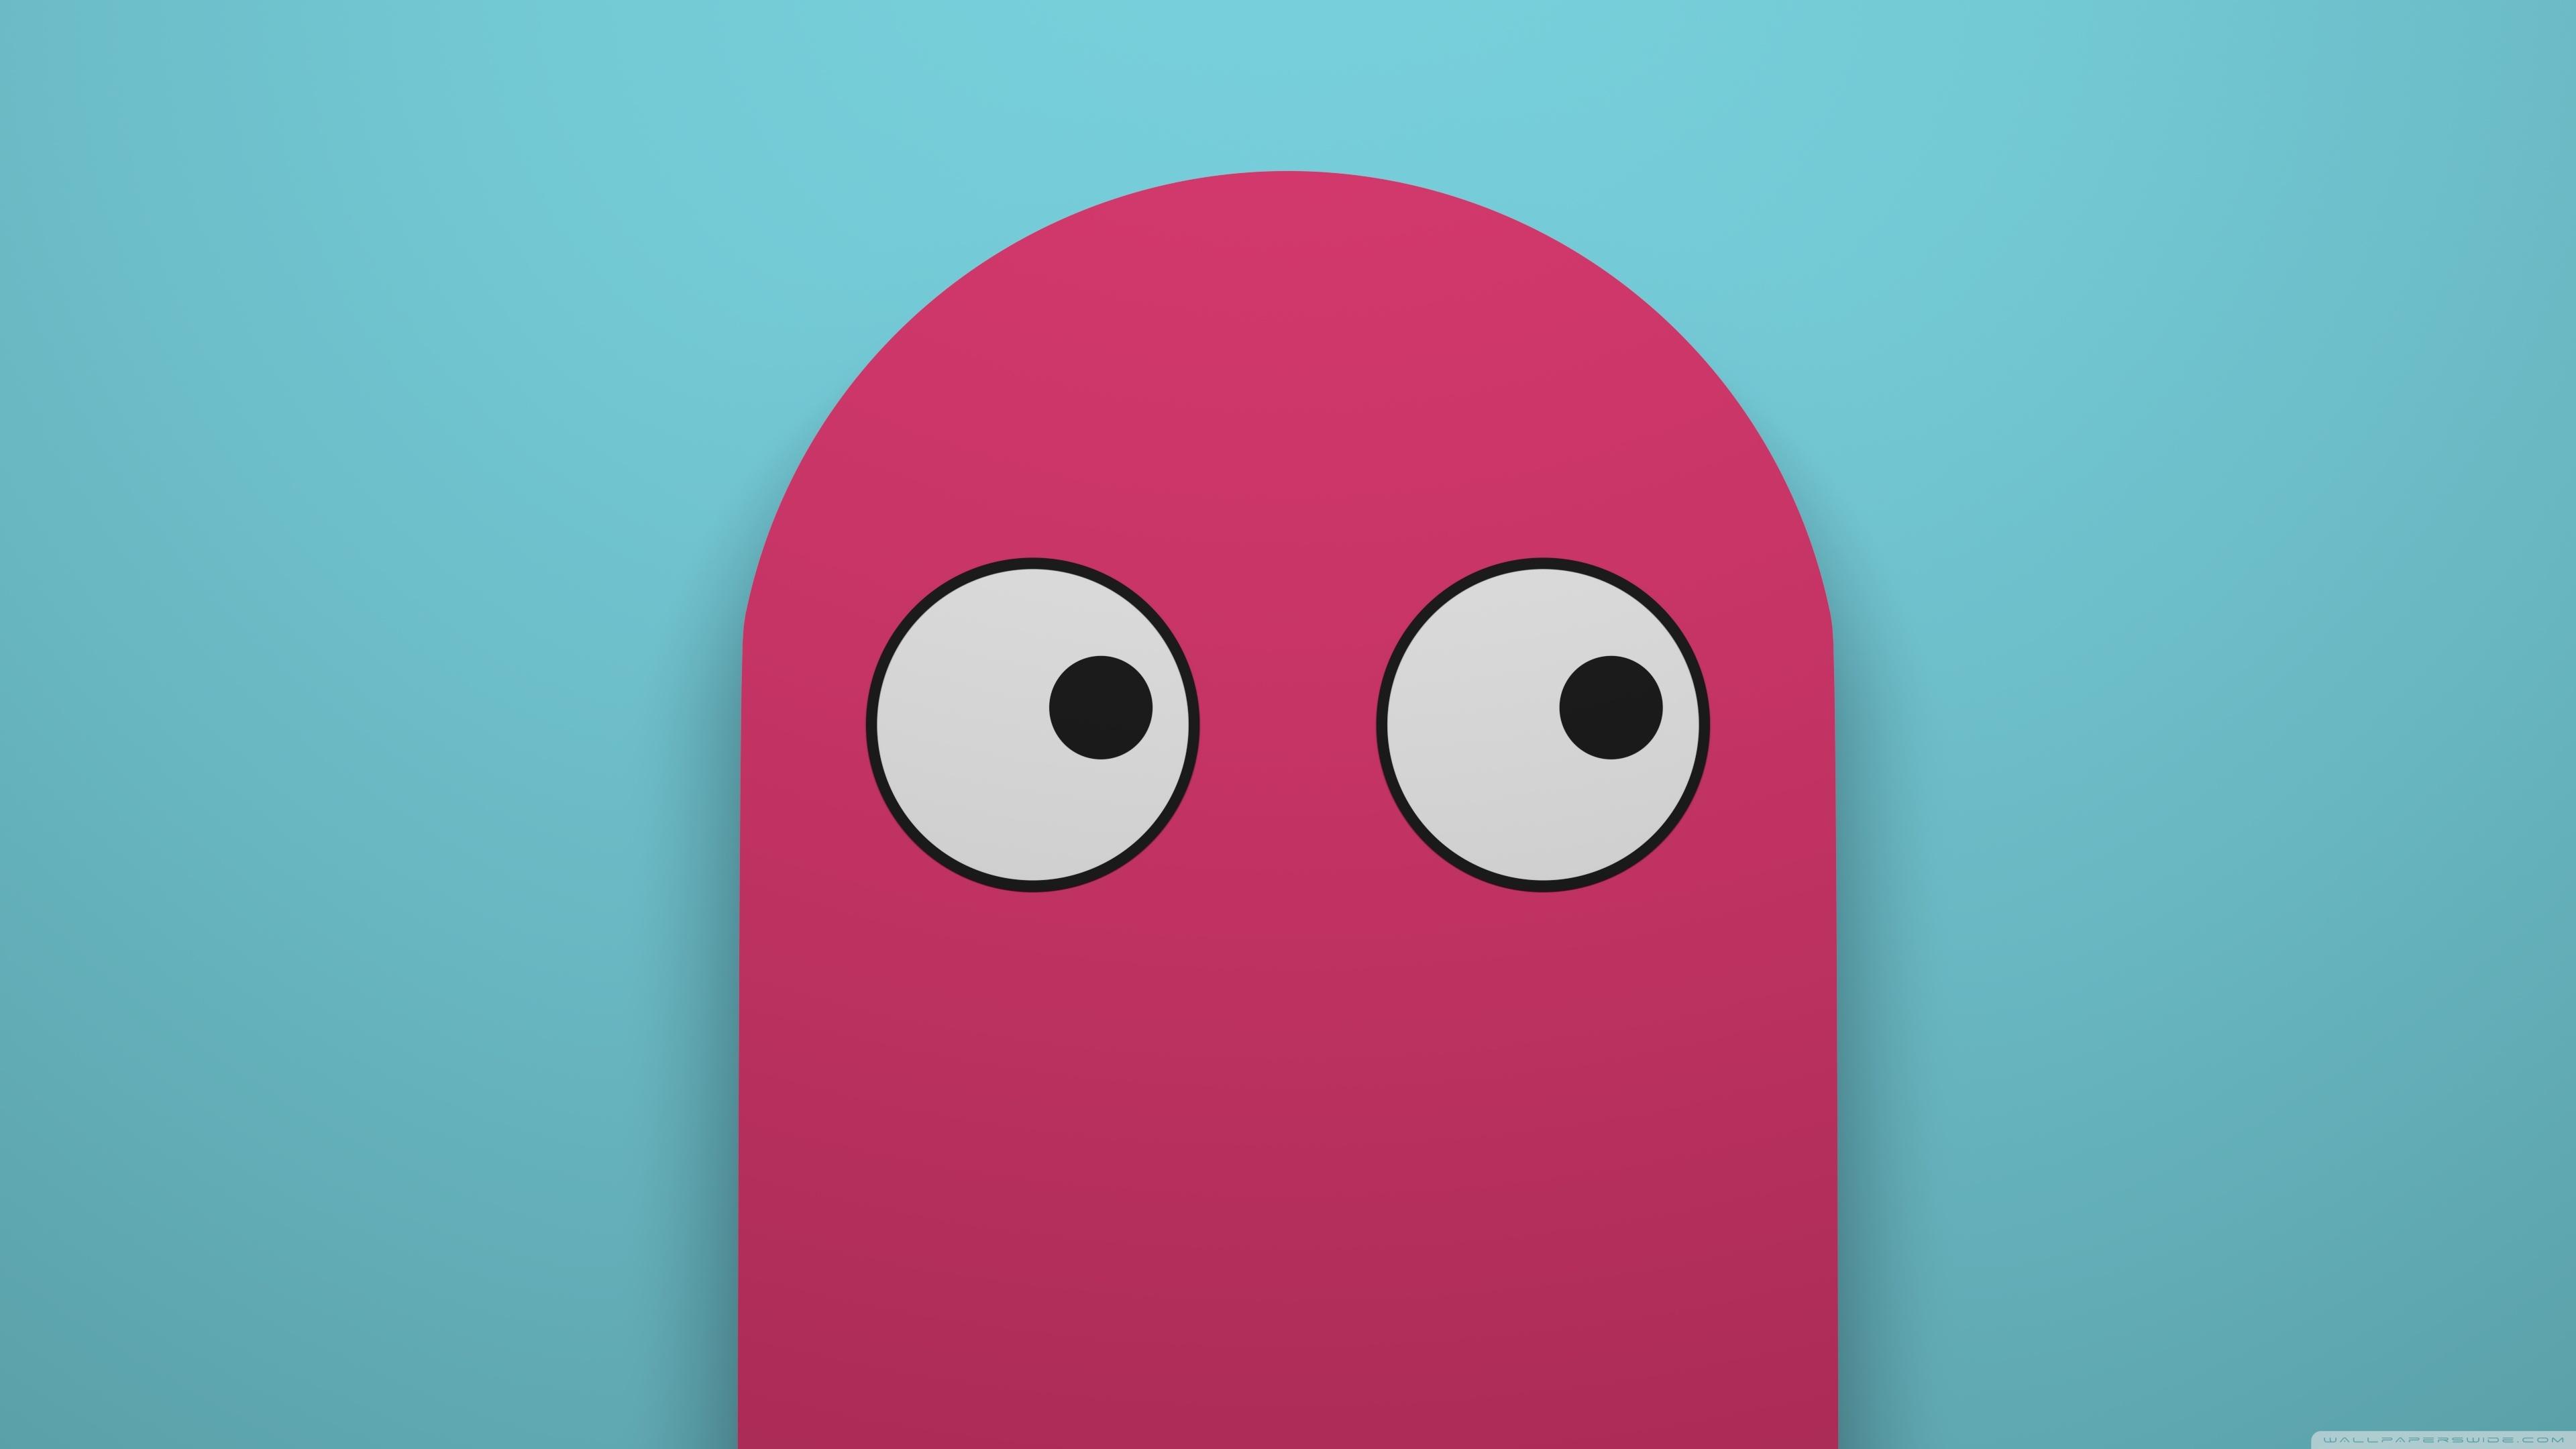 Pink Guy Wallpaper Full HD [3840x2160]   wallpaper full hd 1080p 3840x2160